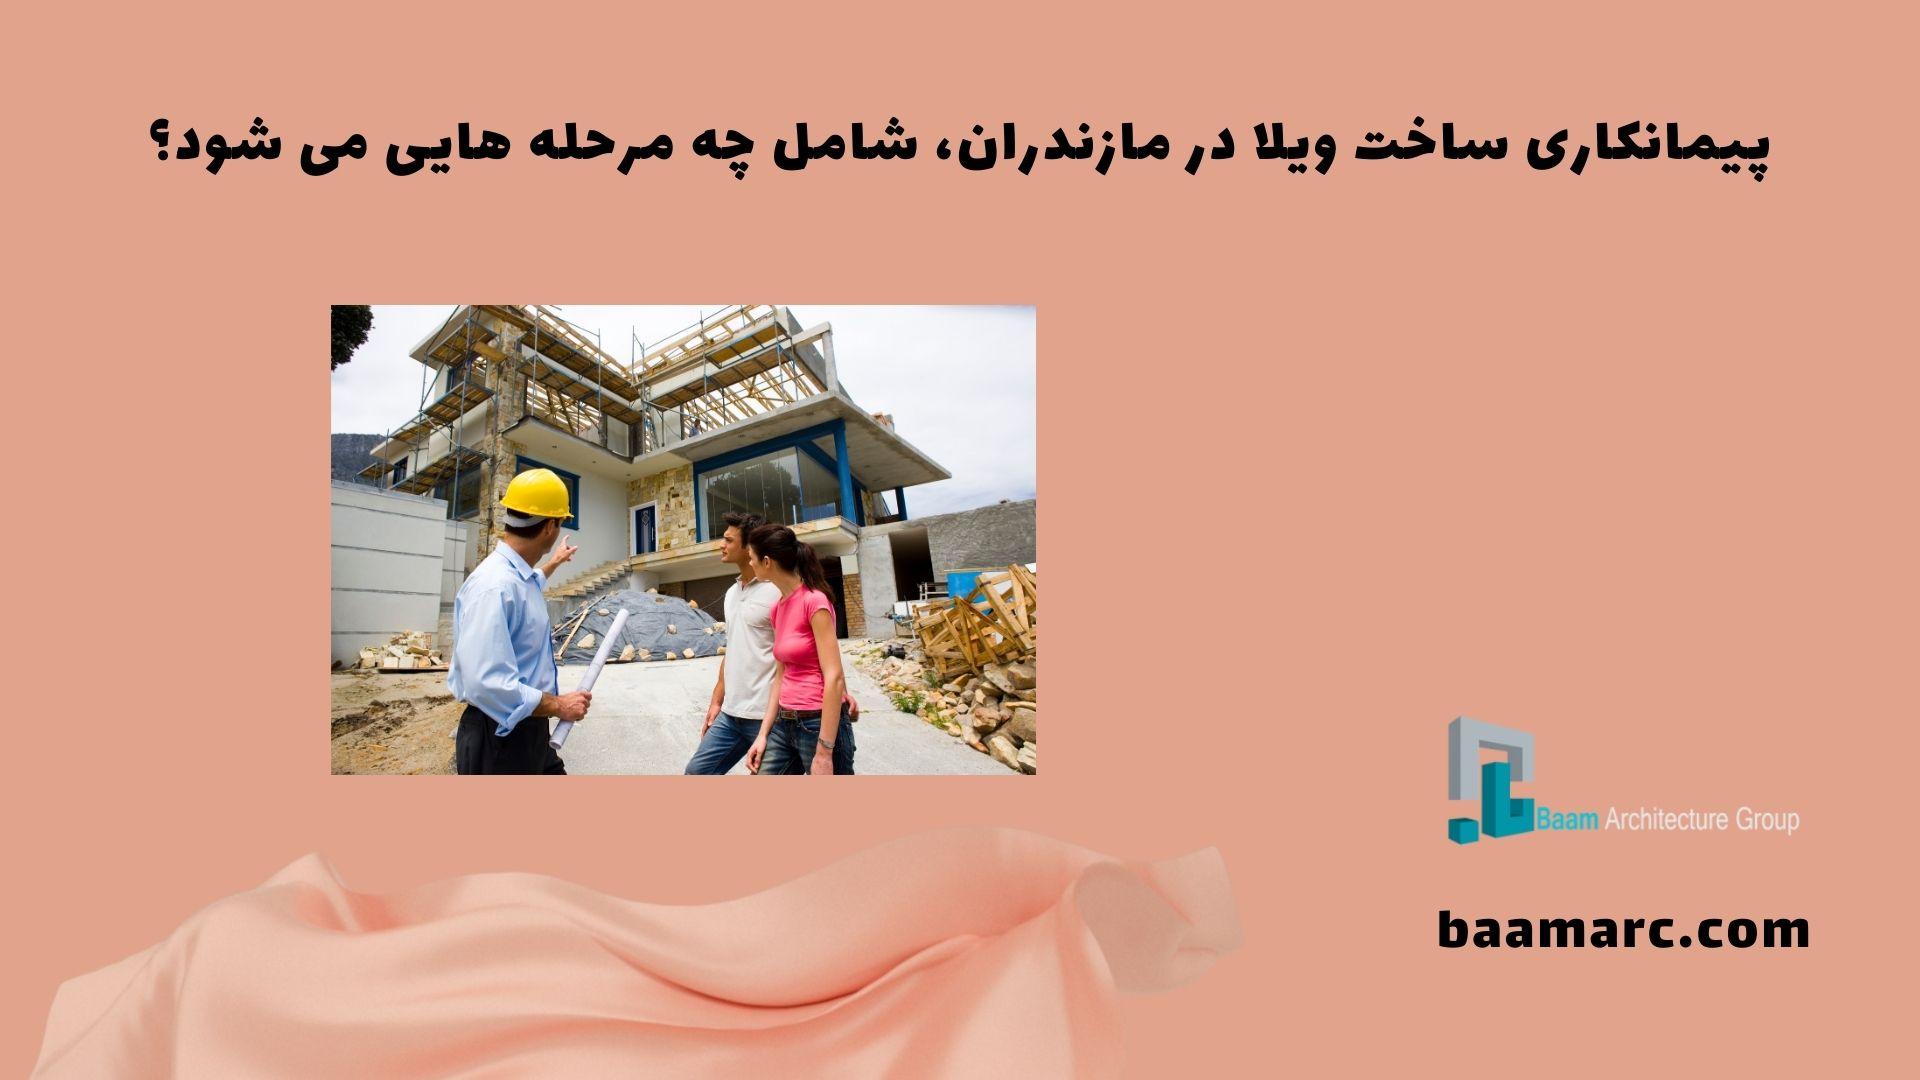 پیمانکاری ساخت ویلا در مازندران، شامل چه مرحله هایی می شود؟